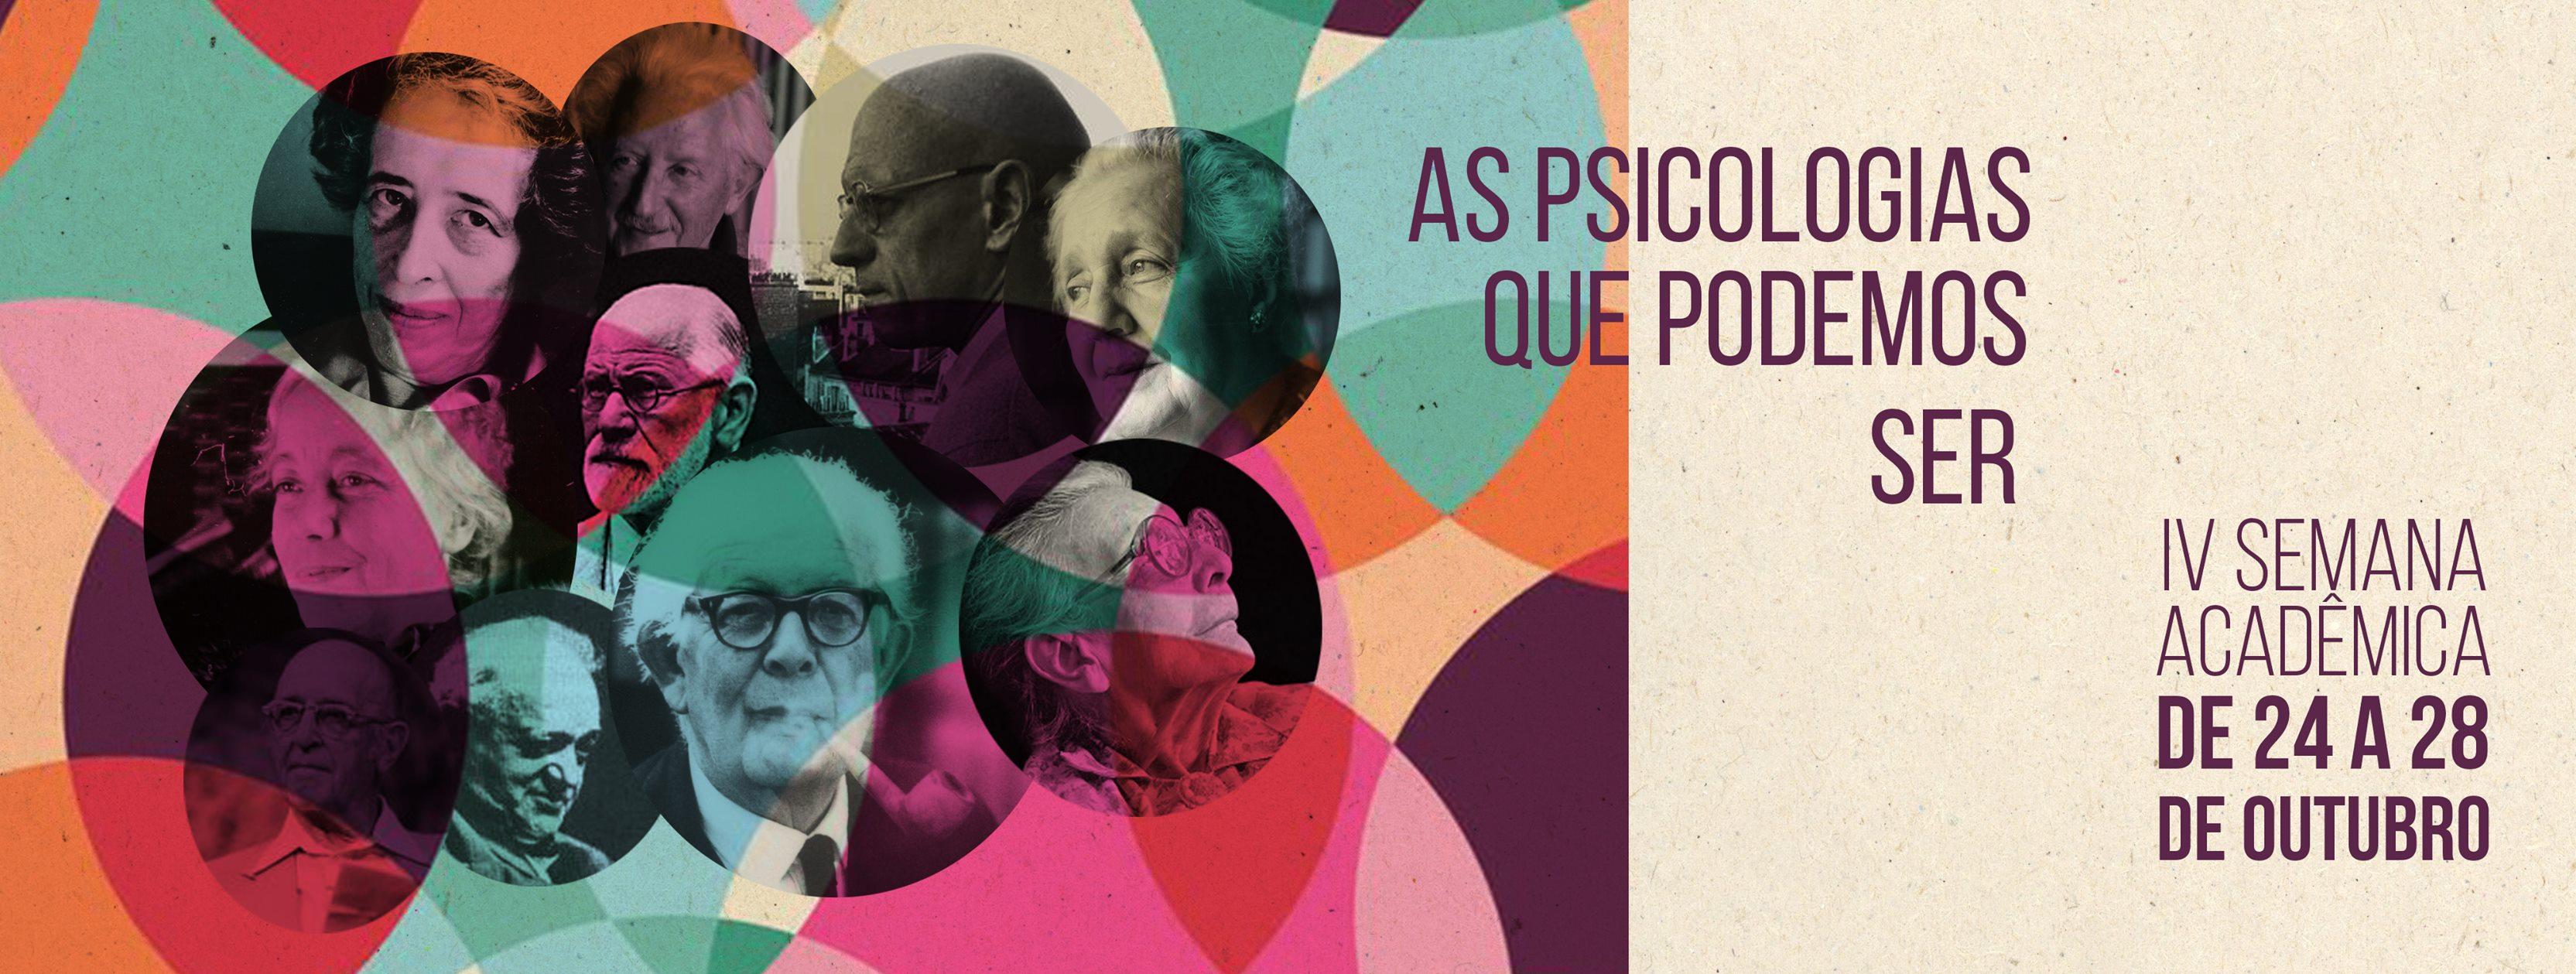 semana-academica-da-psicologia-2016